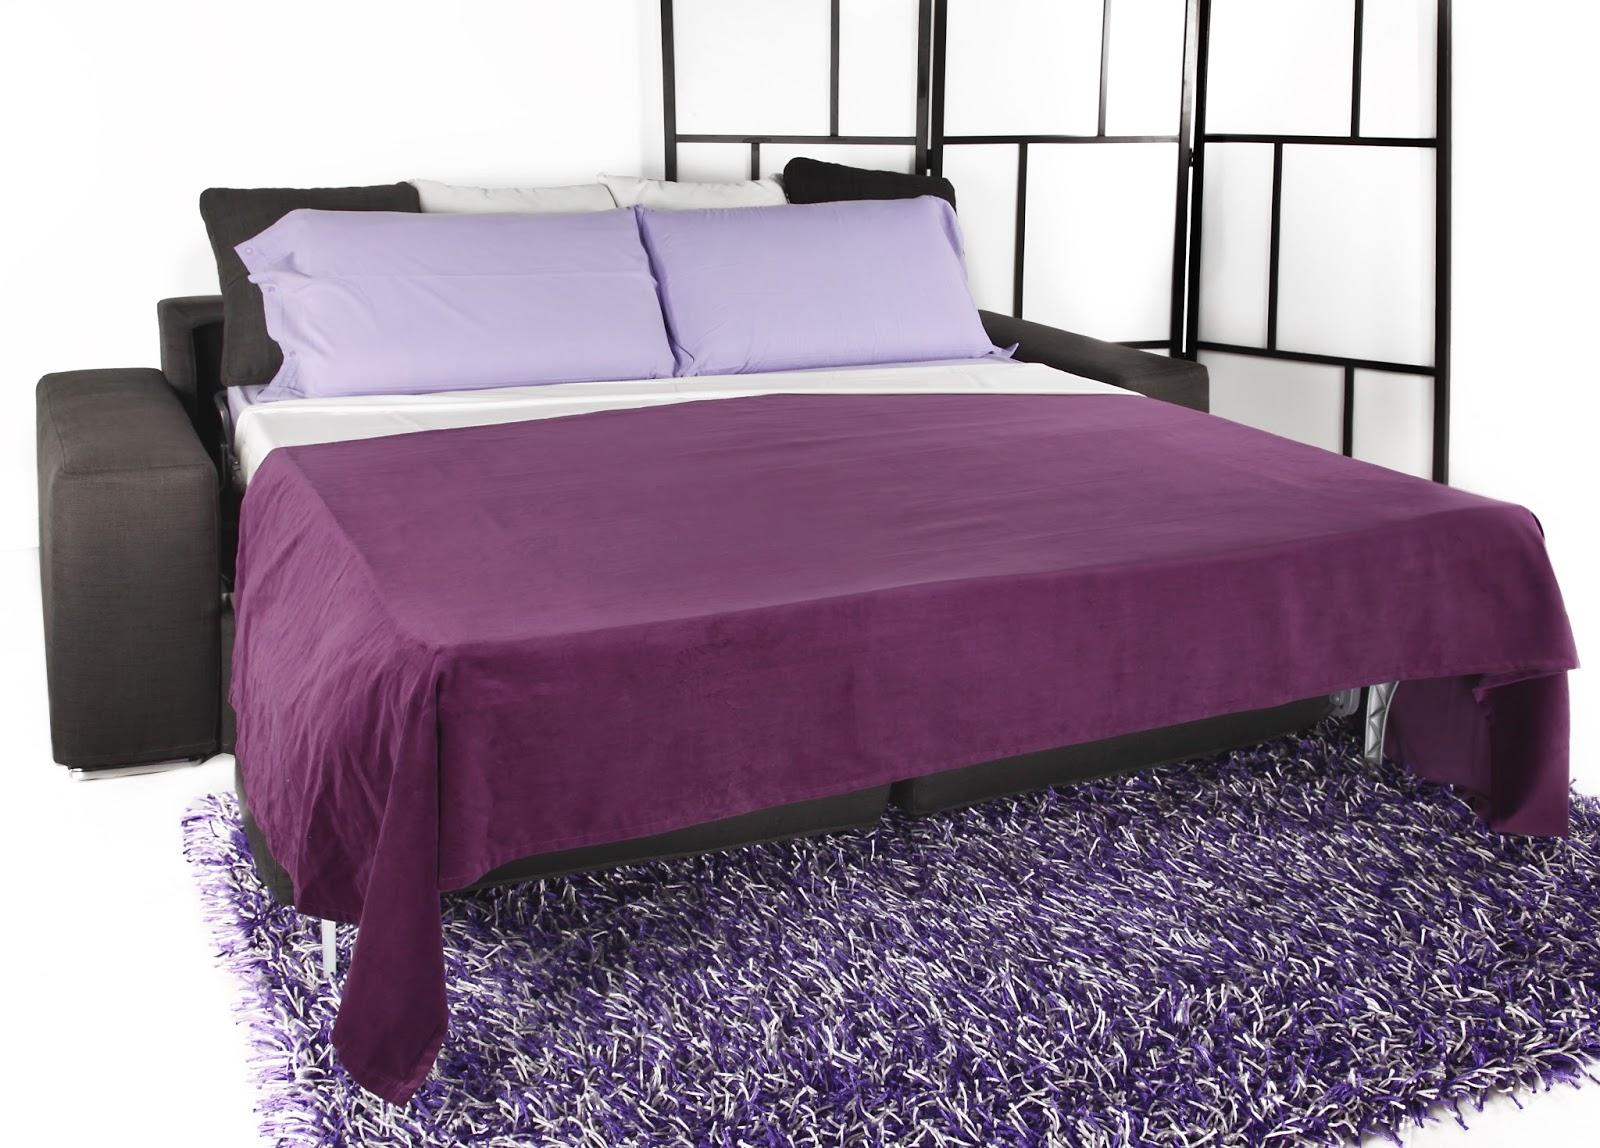 Divani blog tino mariani un bel divano un comodissimo - Divano letto aperto ...